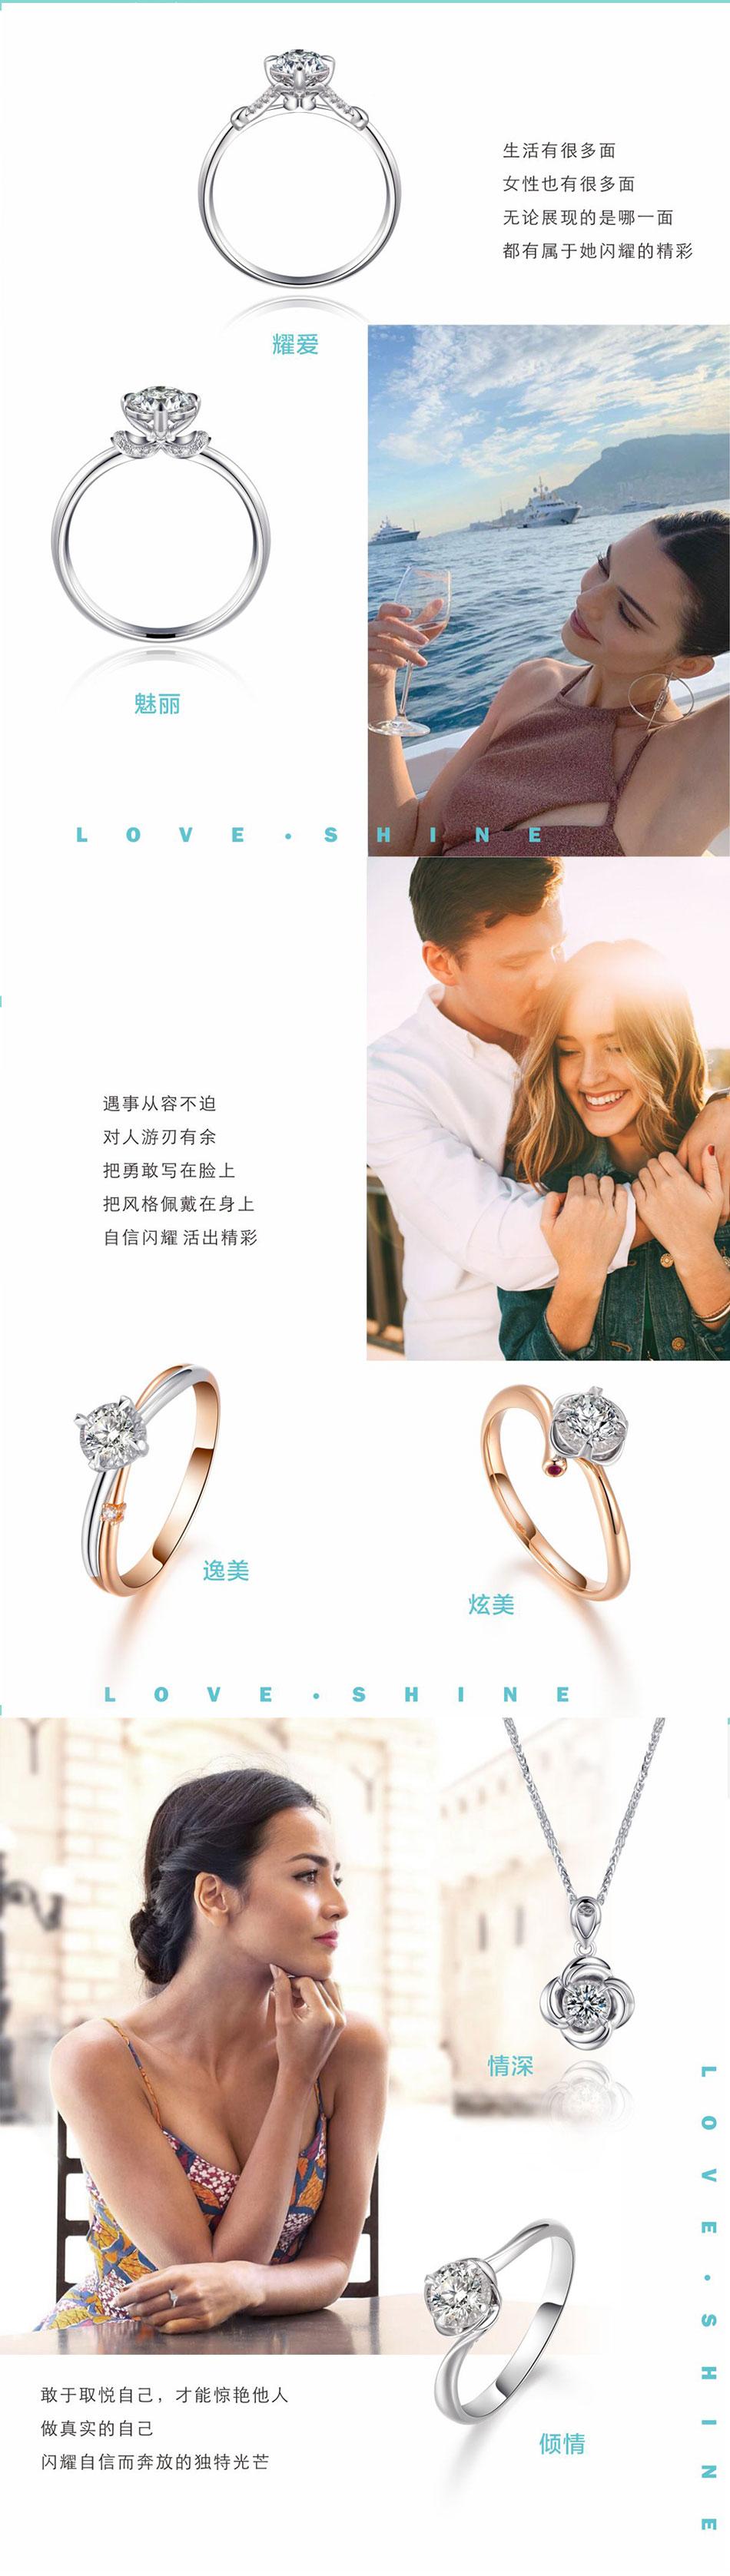 金象珠宝青岛品牌营销推广